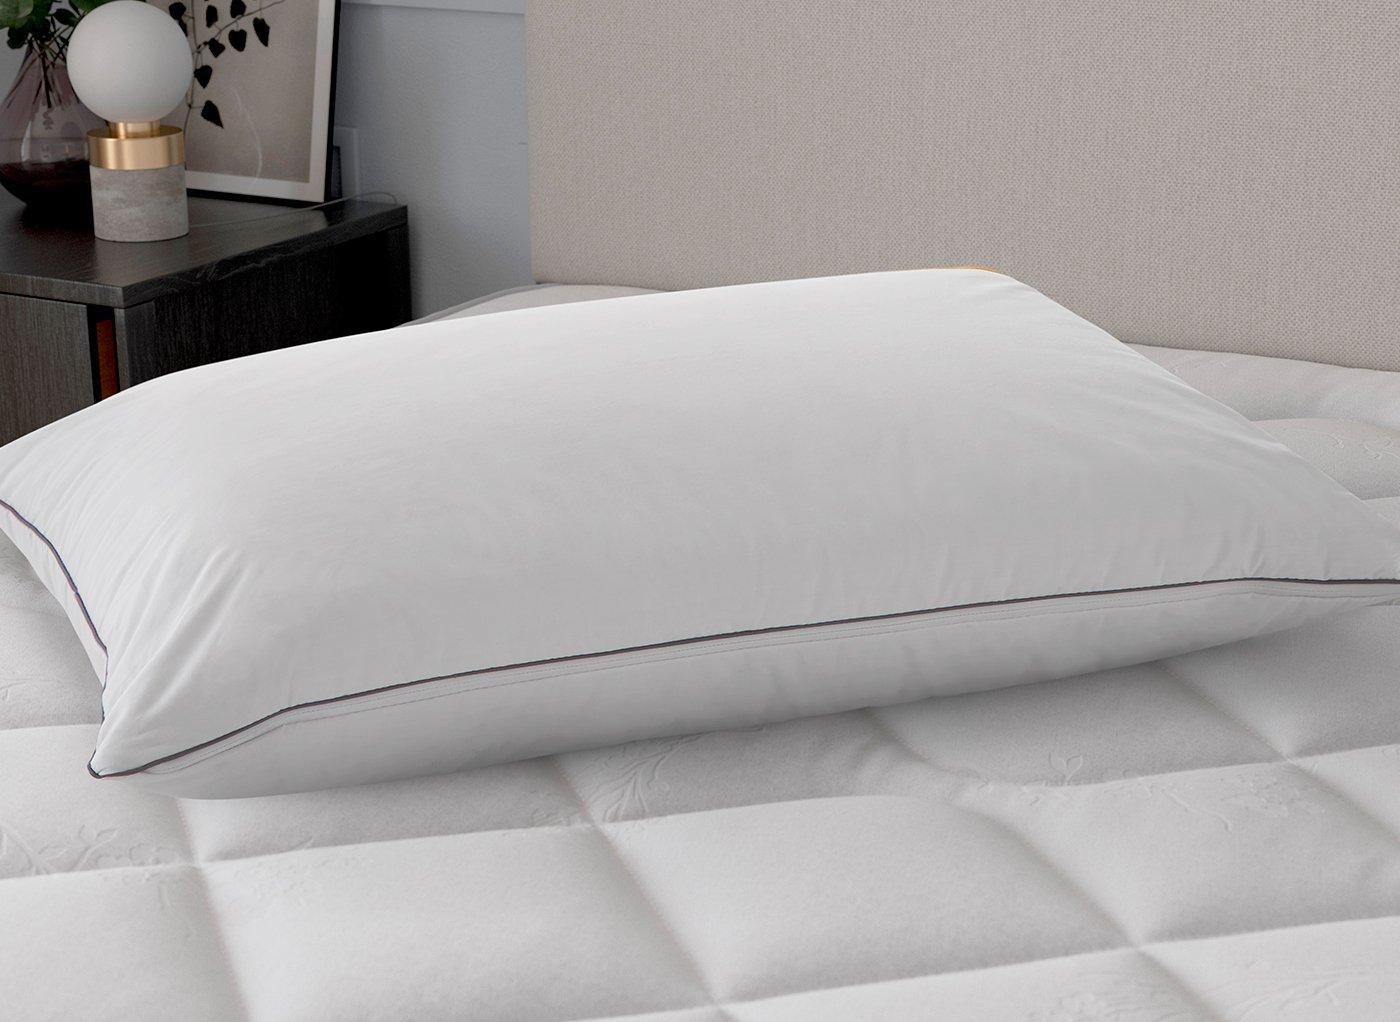 sealy-posturepedic-dual-comfort-pillow